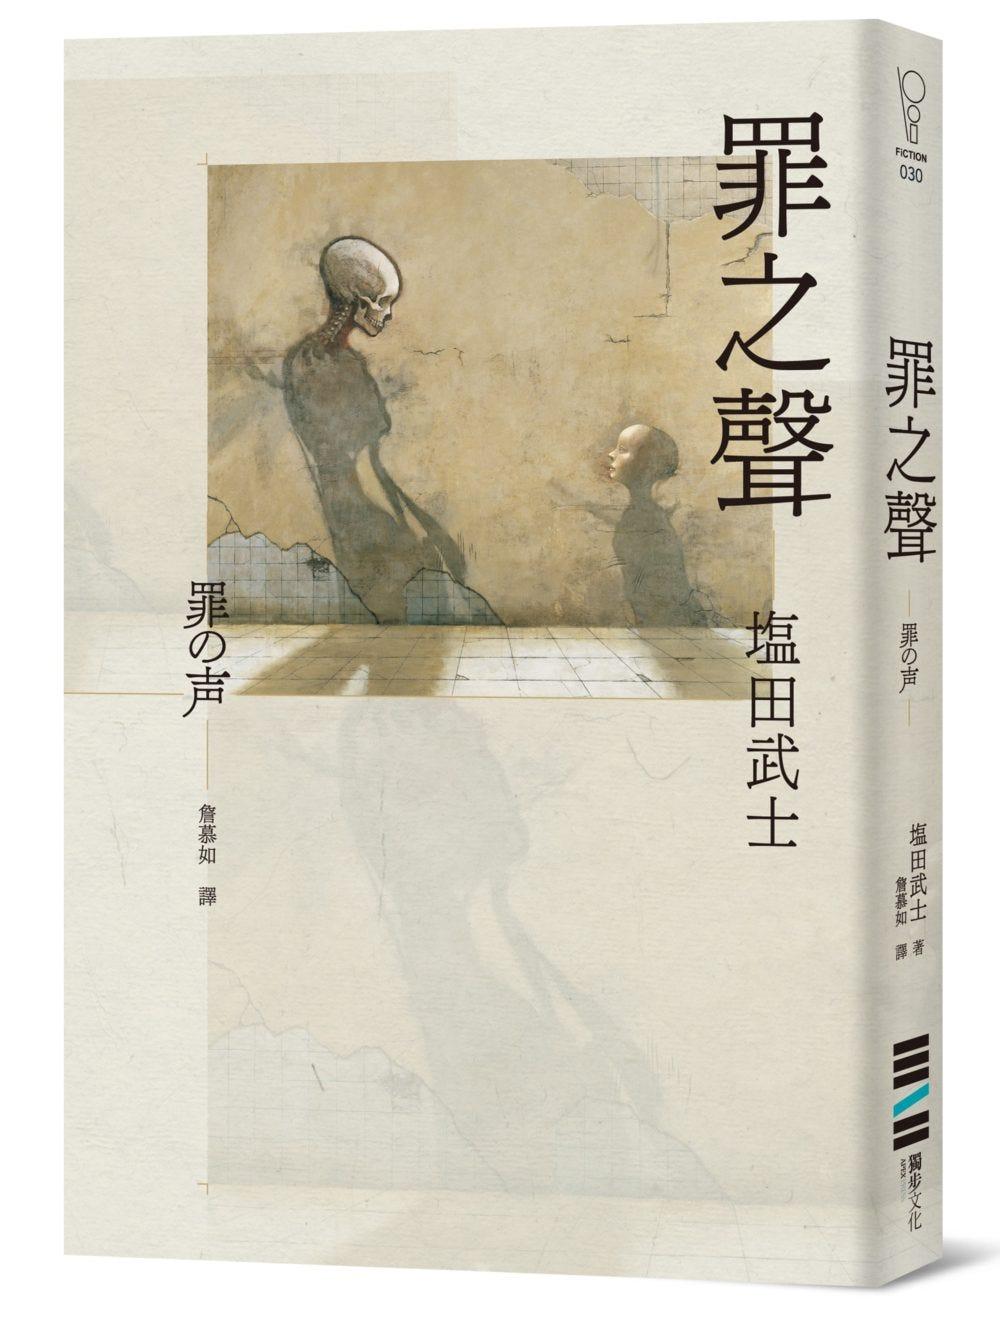 新書《罪之聲》系列— — 塩田武士 - 一本 one book - Medium